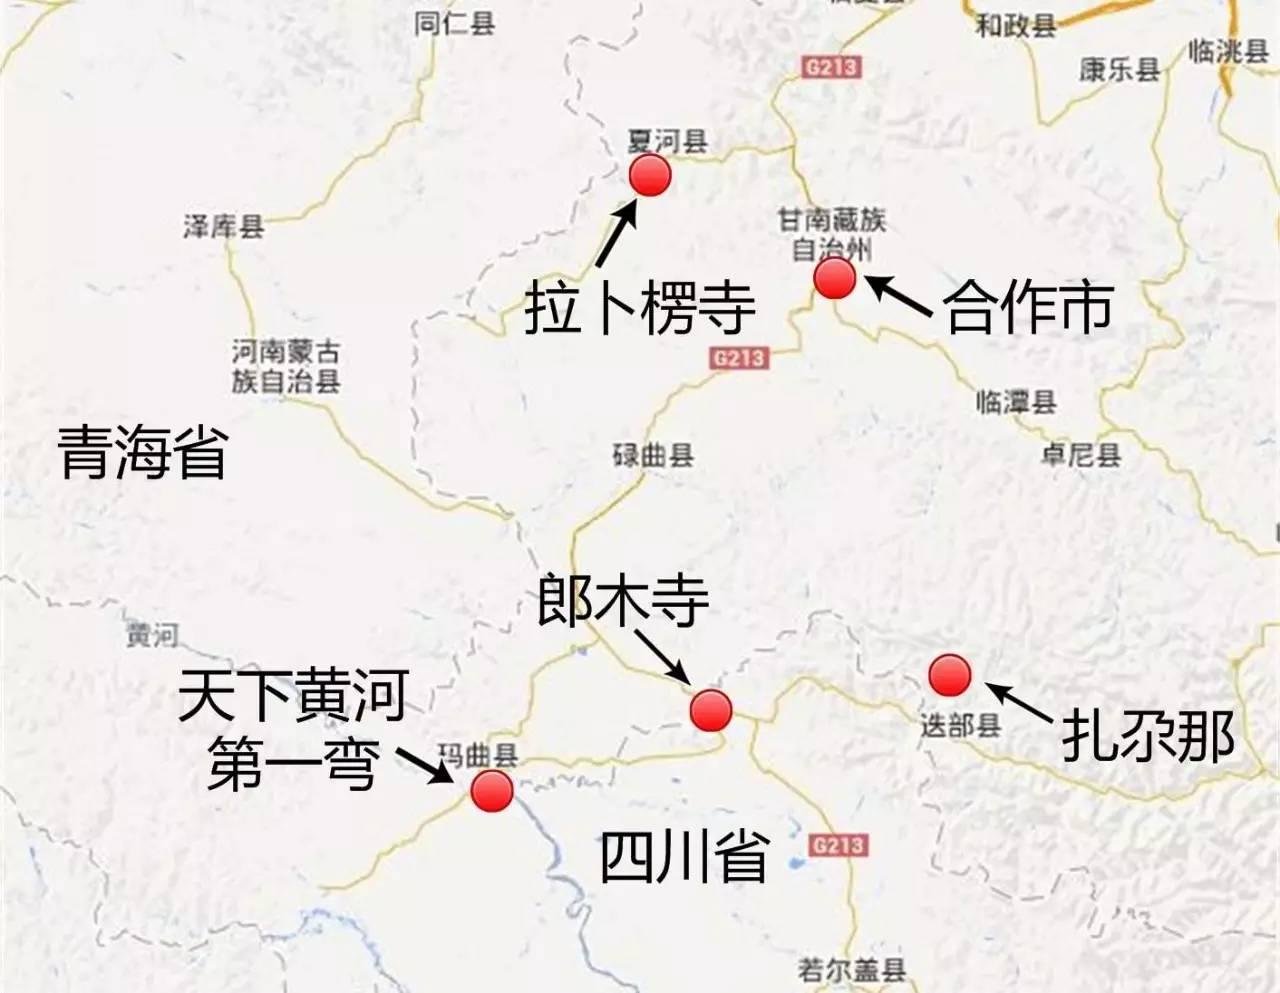 新闻客户端  进入甘南现在以三条路为主: 青海西宁进:西宁-贵德-大武